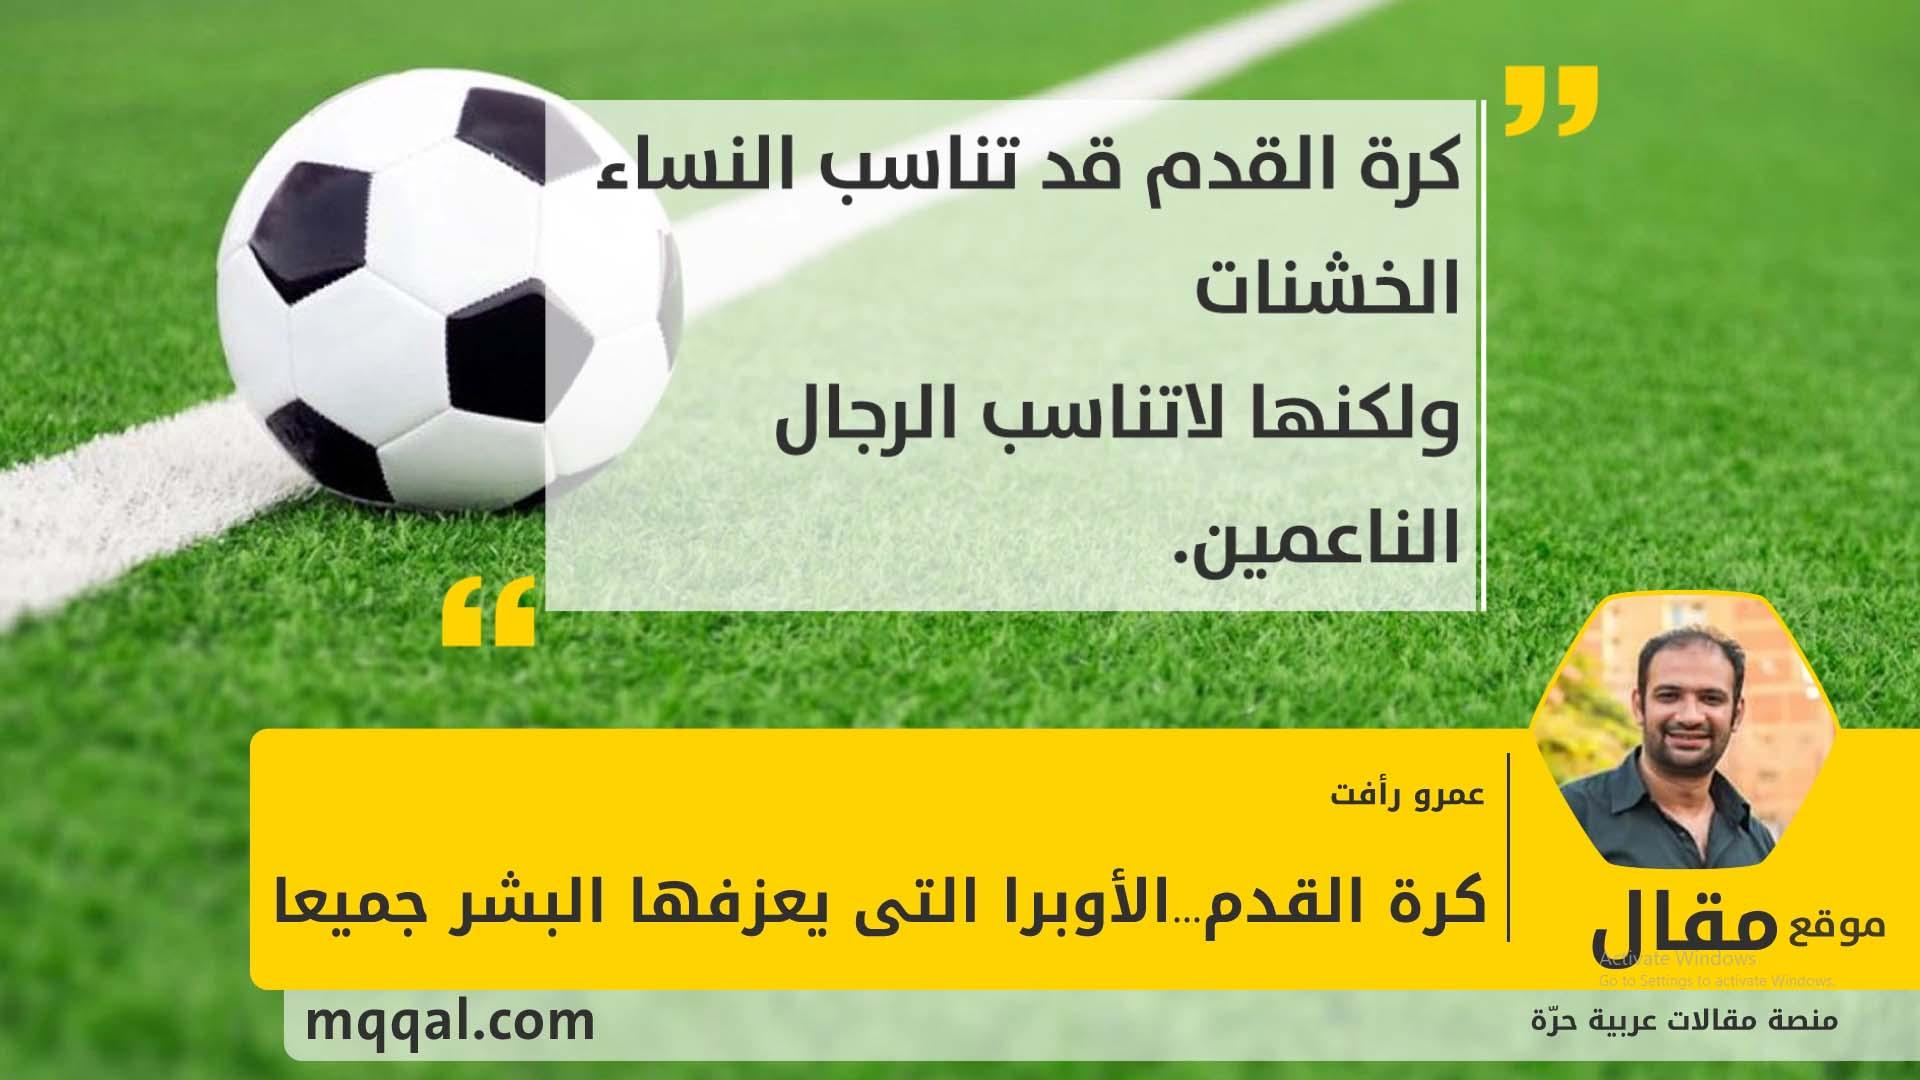 أكثر ذهبي دفتر كلام عن حب كرة القدم Dsvdedommel Com